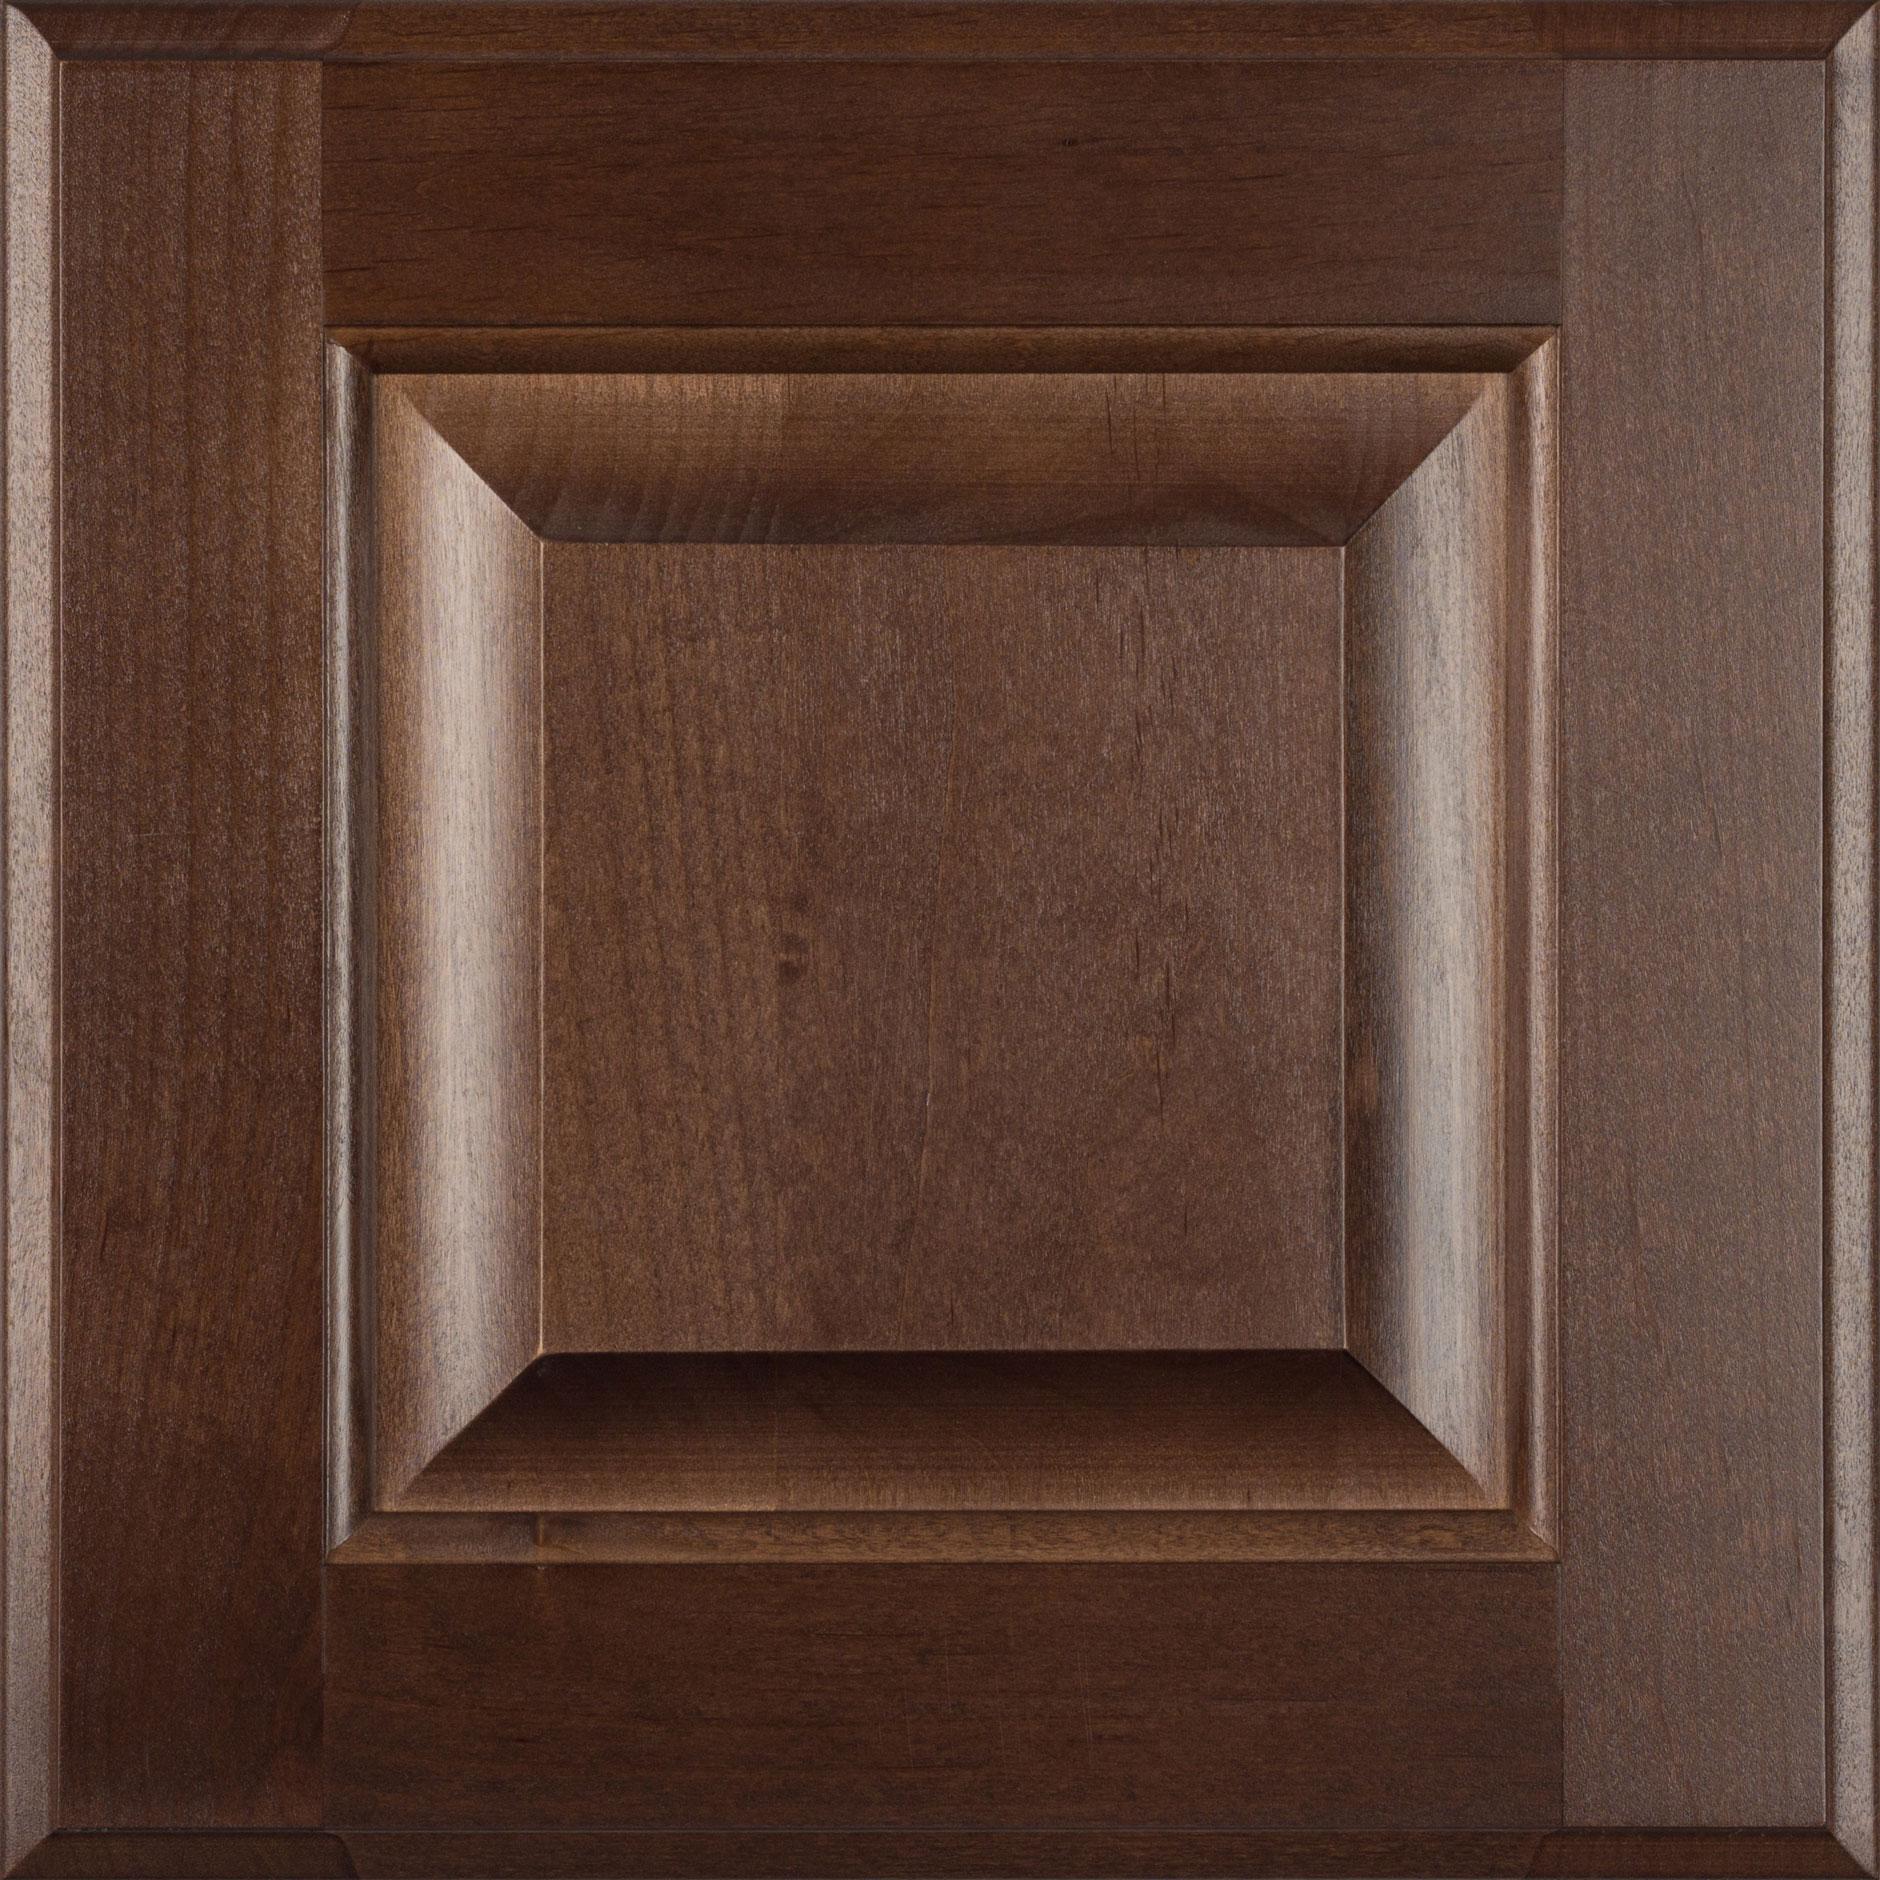 5 Piece Raised Panel In Clear Alder Barbado Burrows